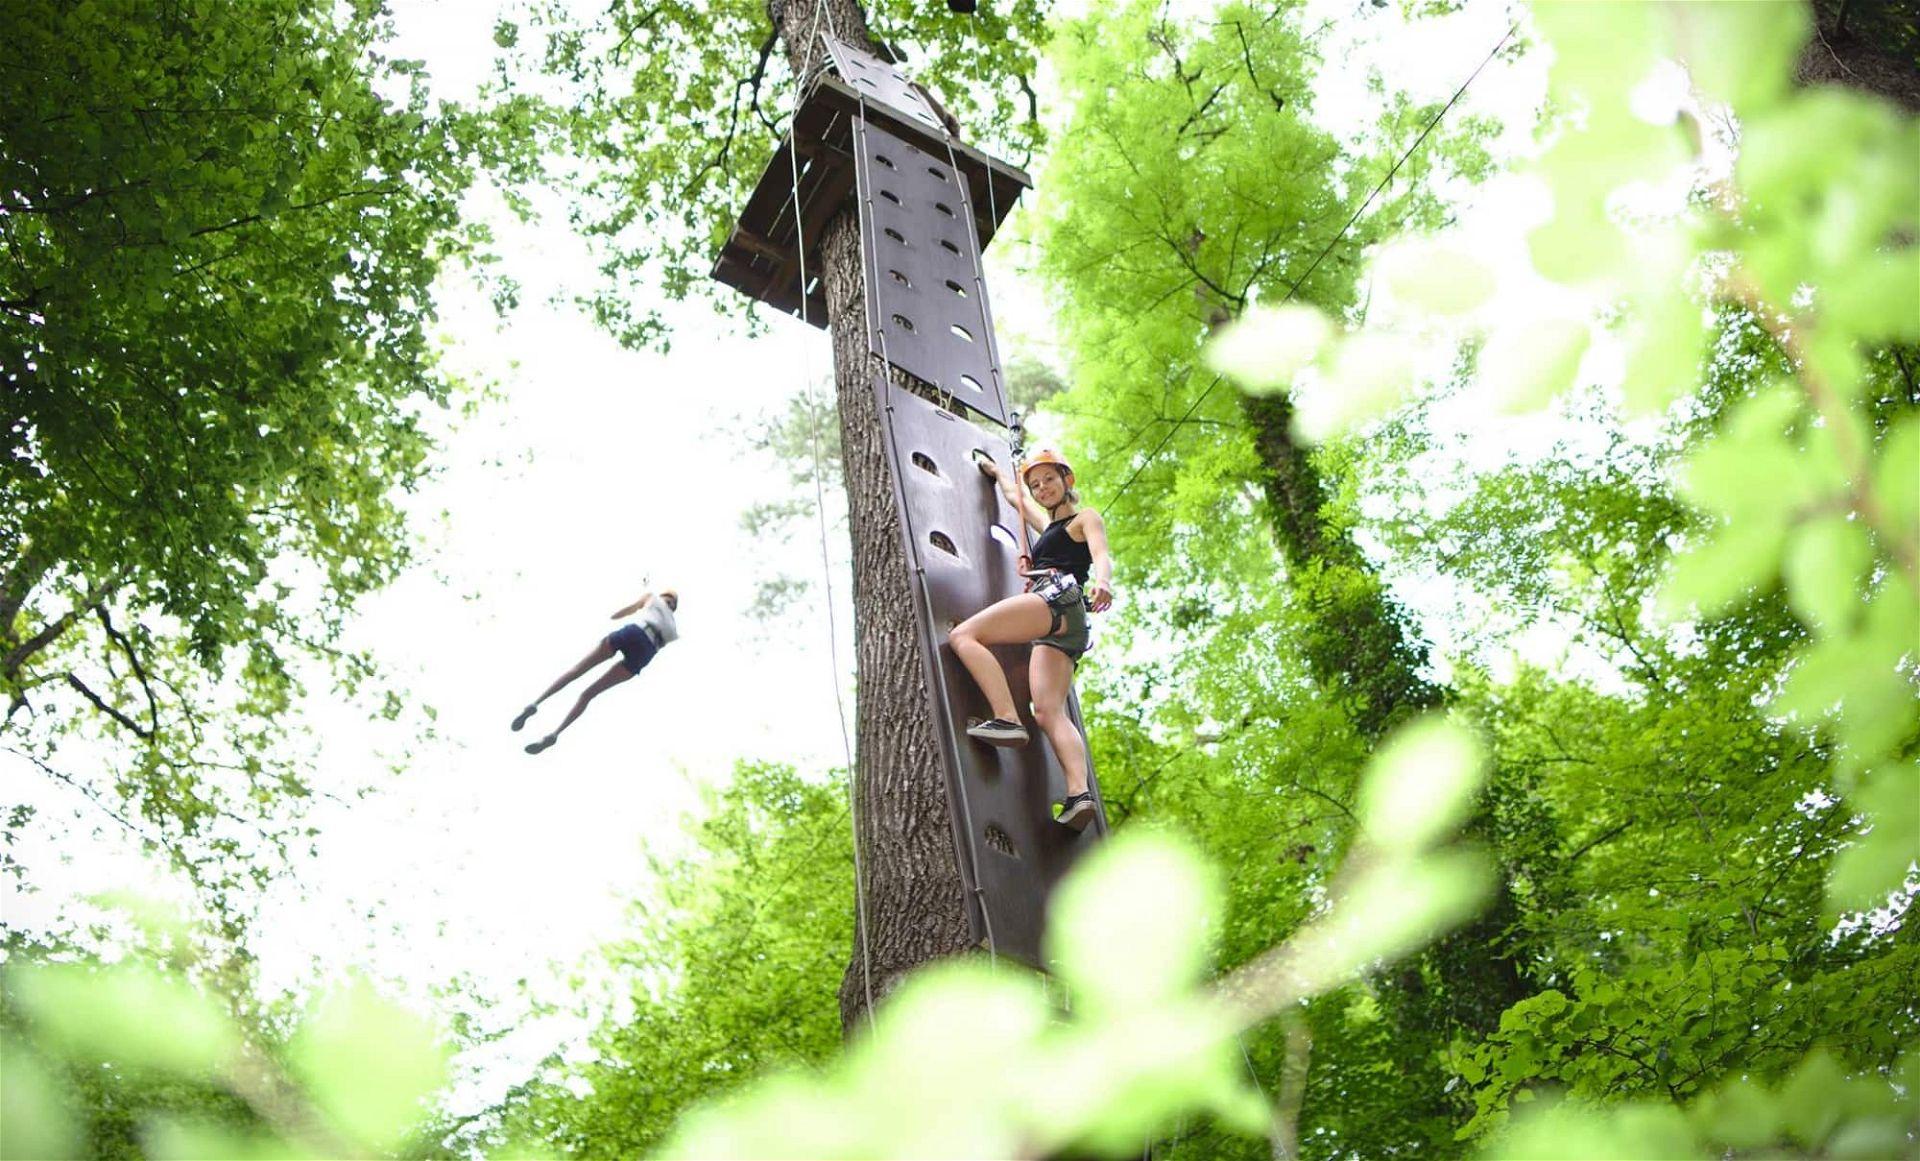 Insgesamt 90 Hindernisse warten im WIKI Adventure Park in Graz auf dich - (c) WIKI Adventure Park, Jakob Glasner